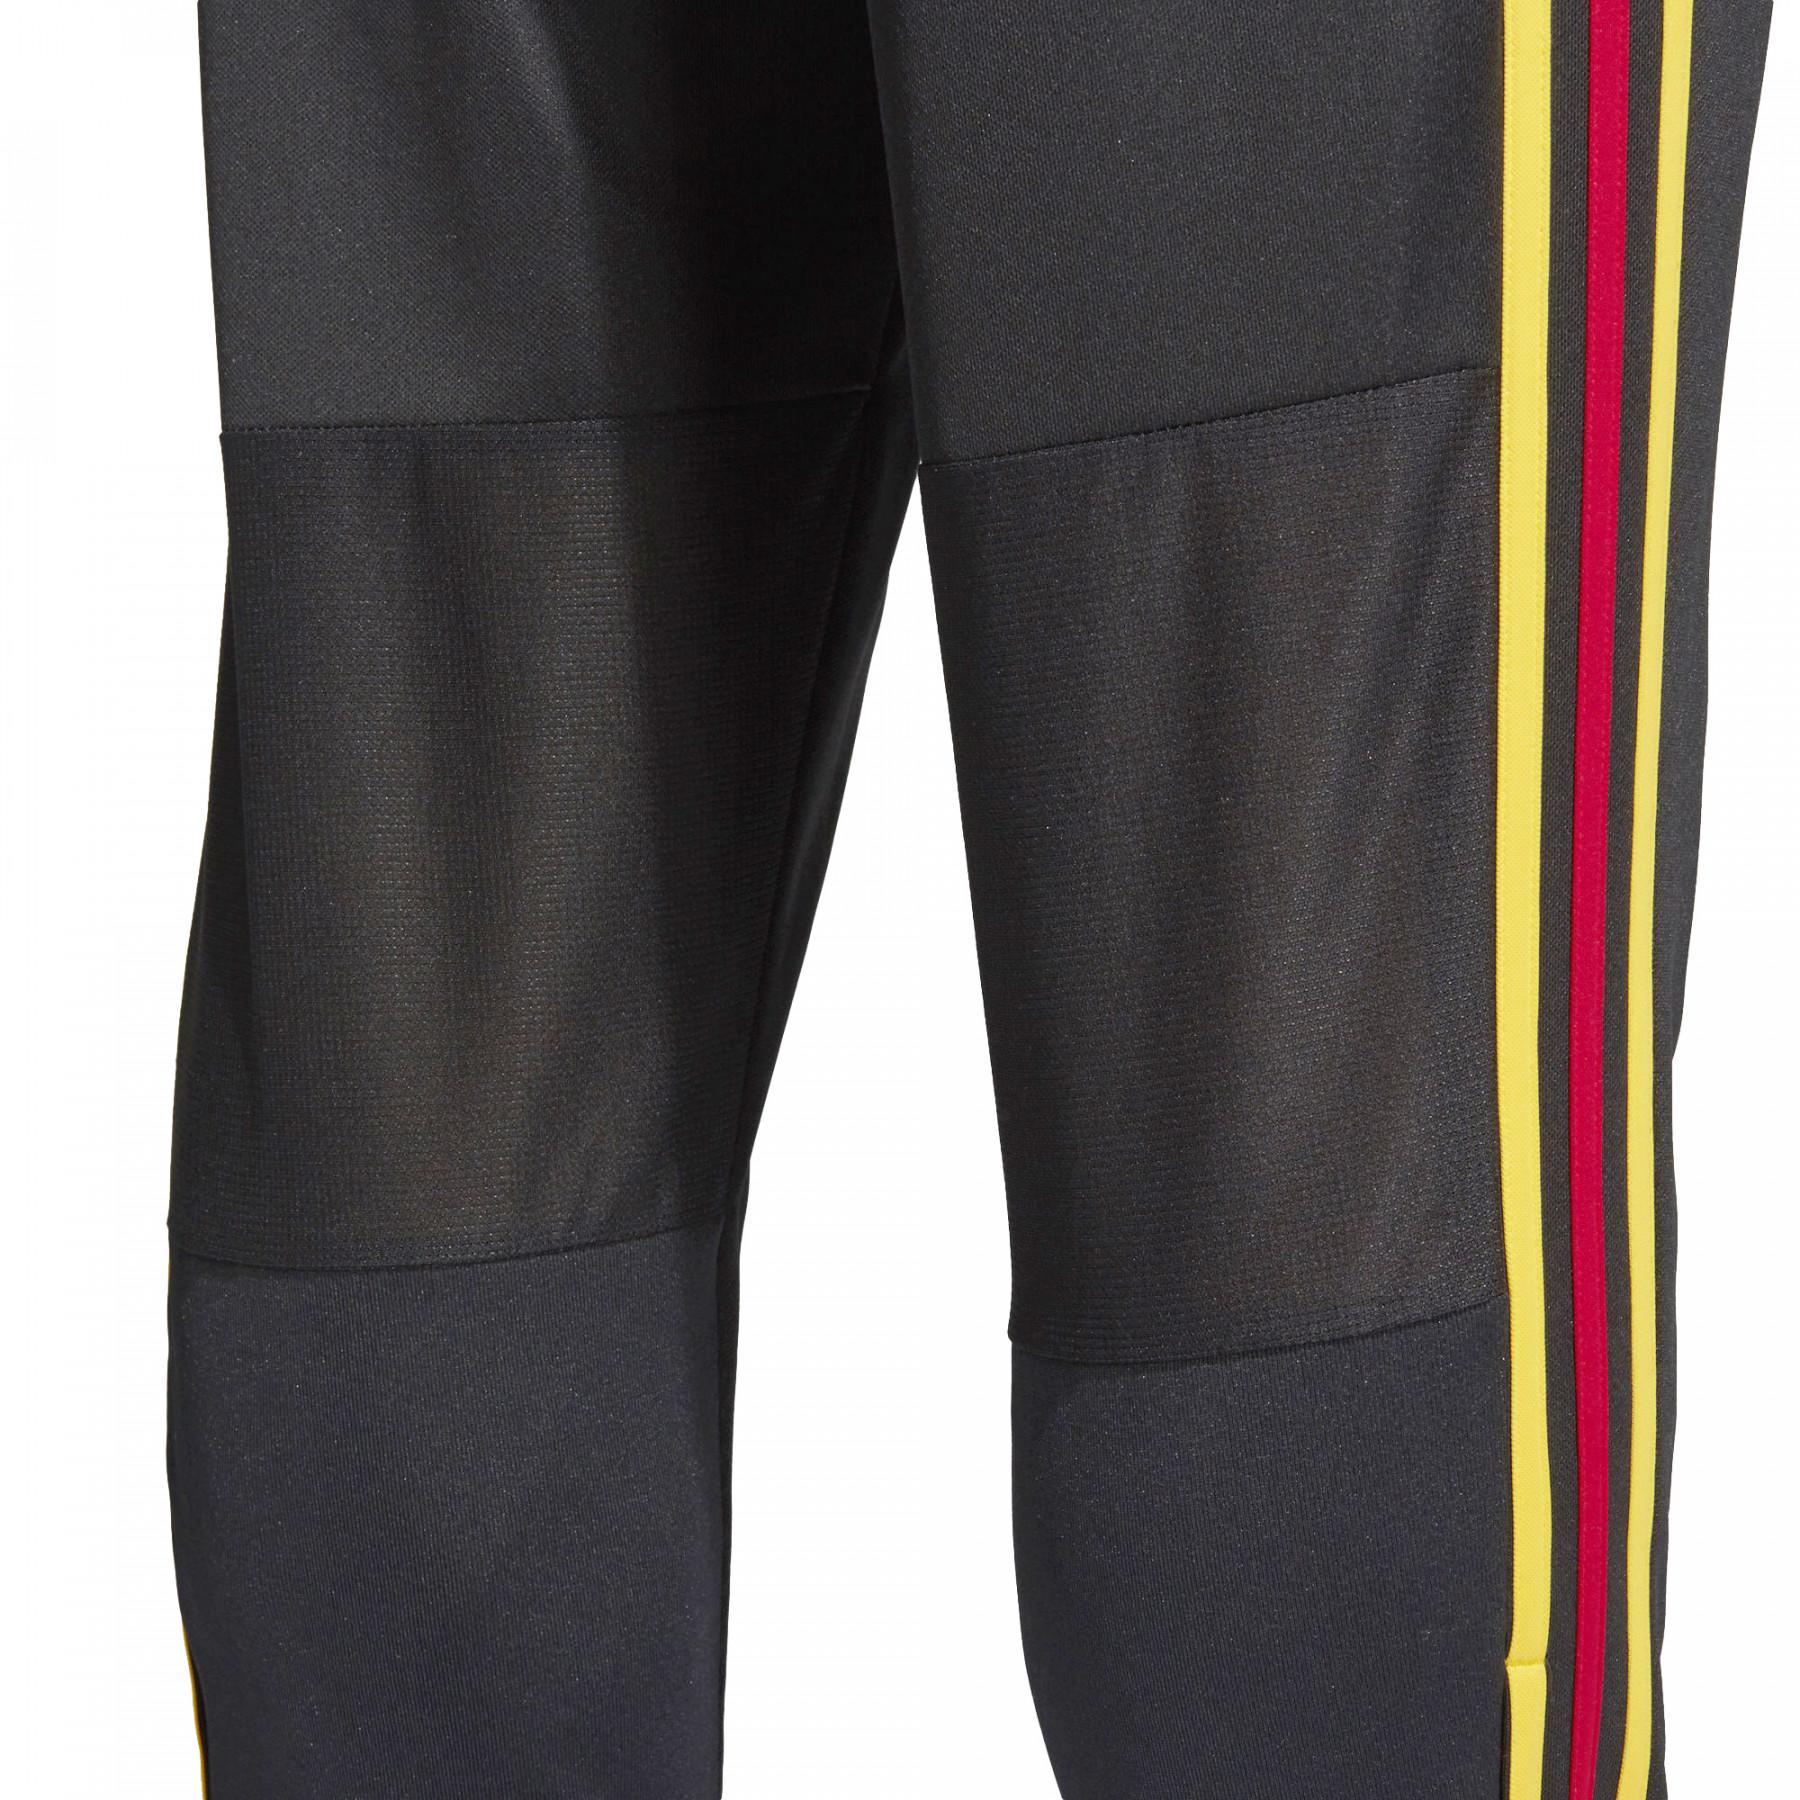 Rbfa Tr Pantalon Jogging Training Belgique Homme ADIDAS NOIR